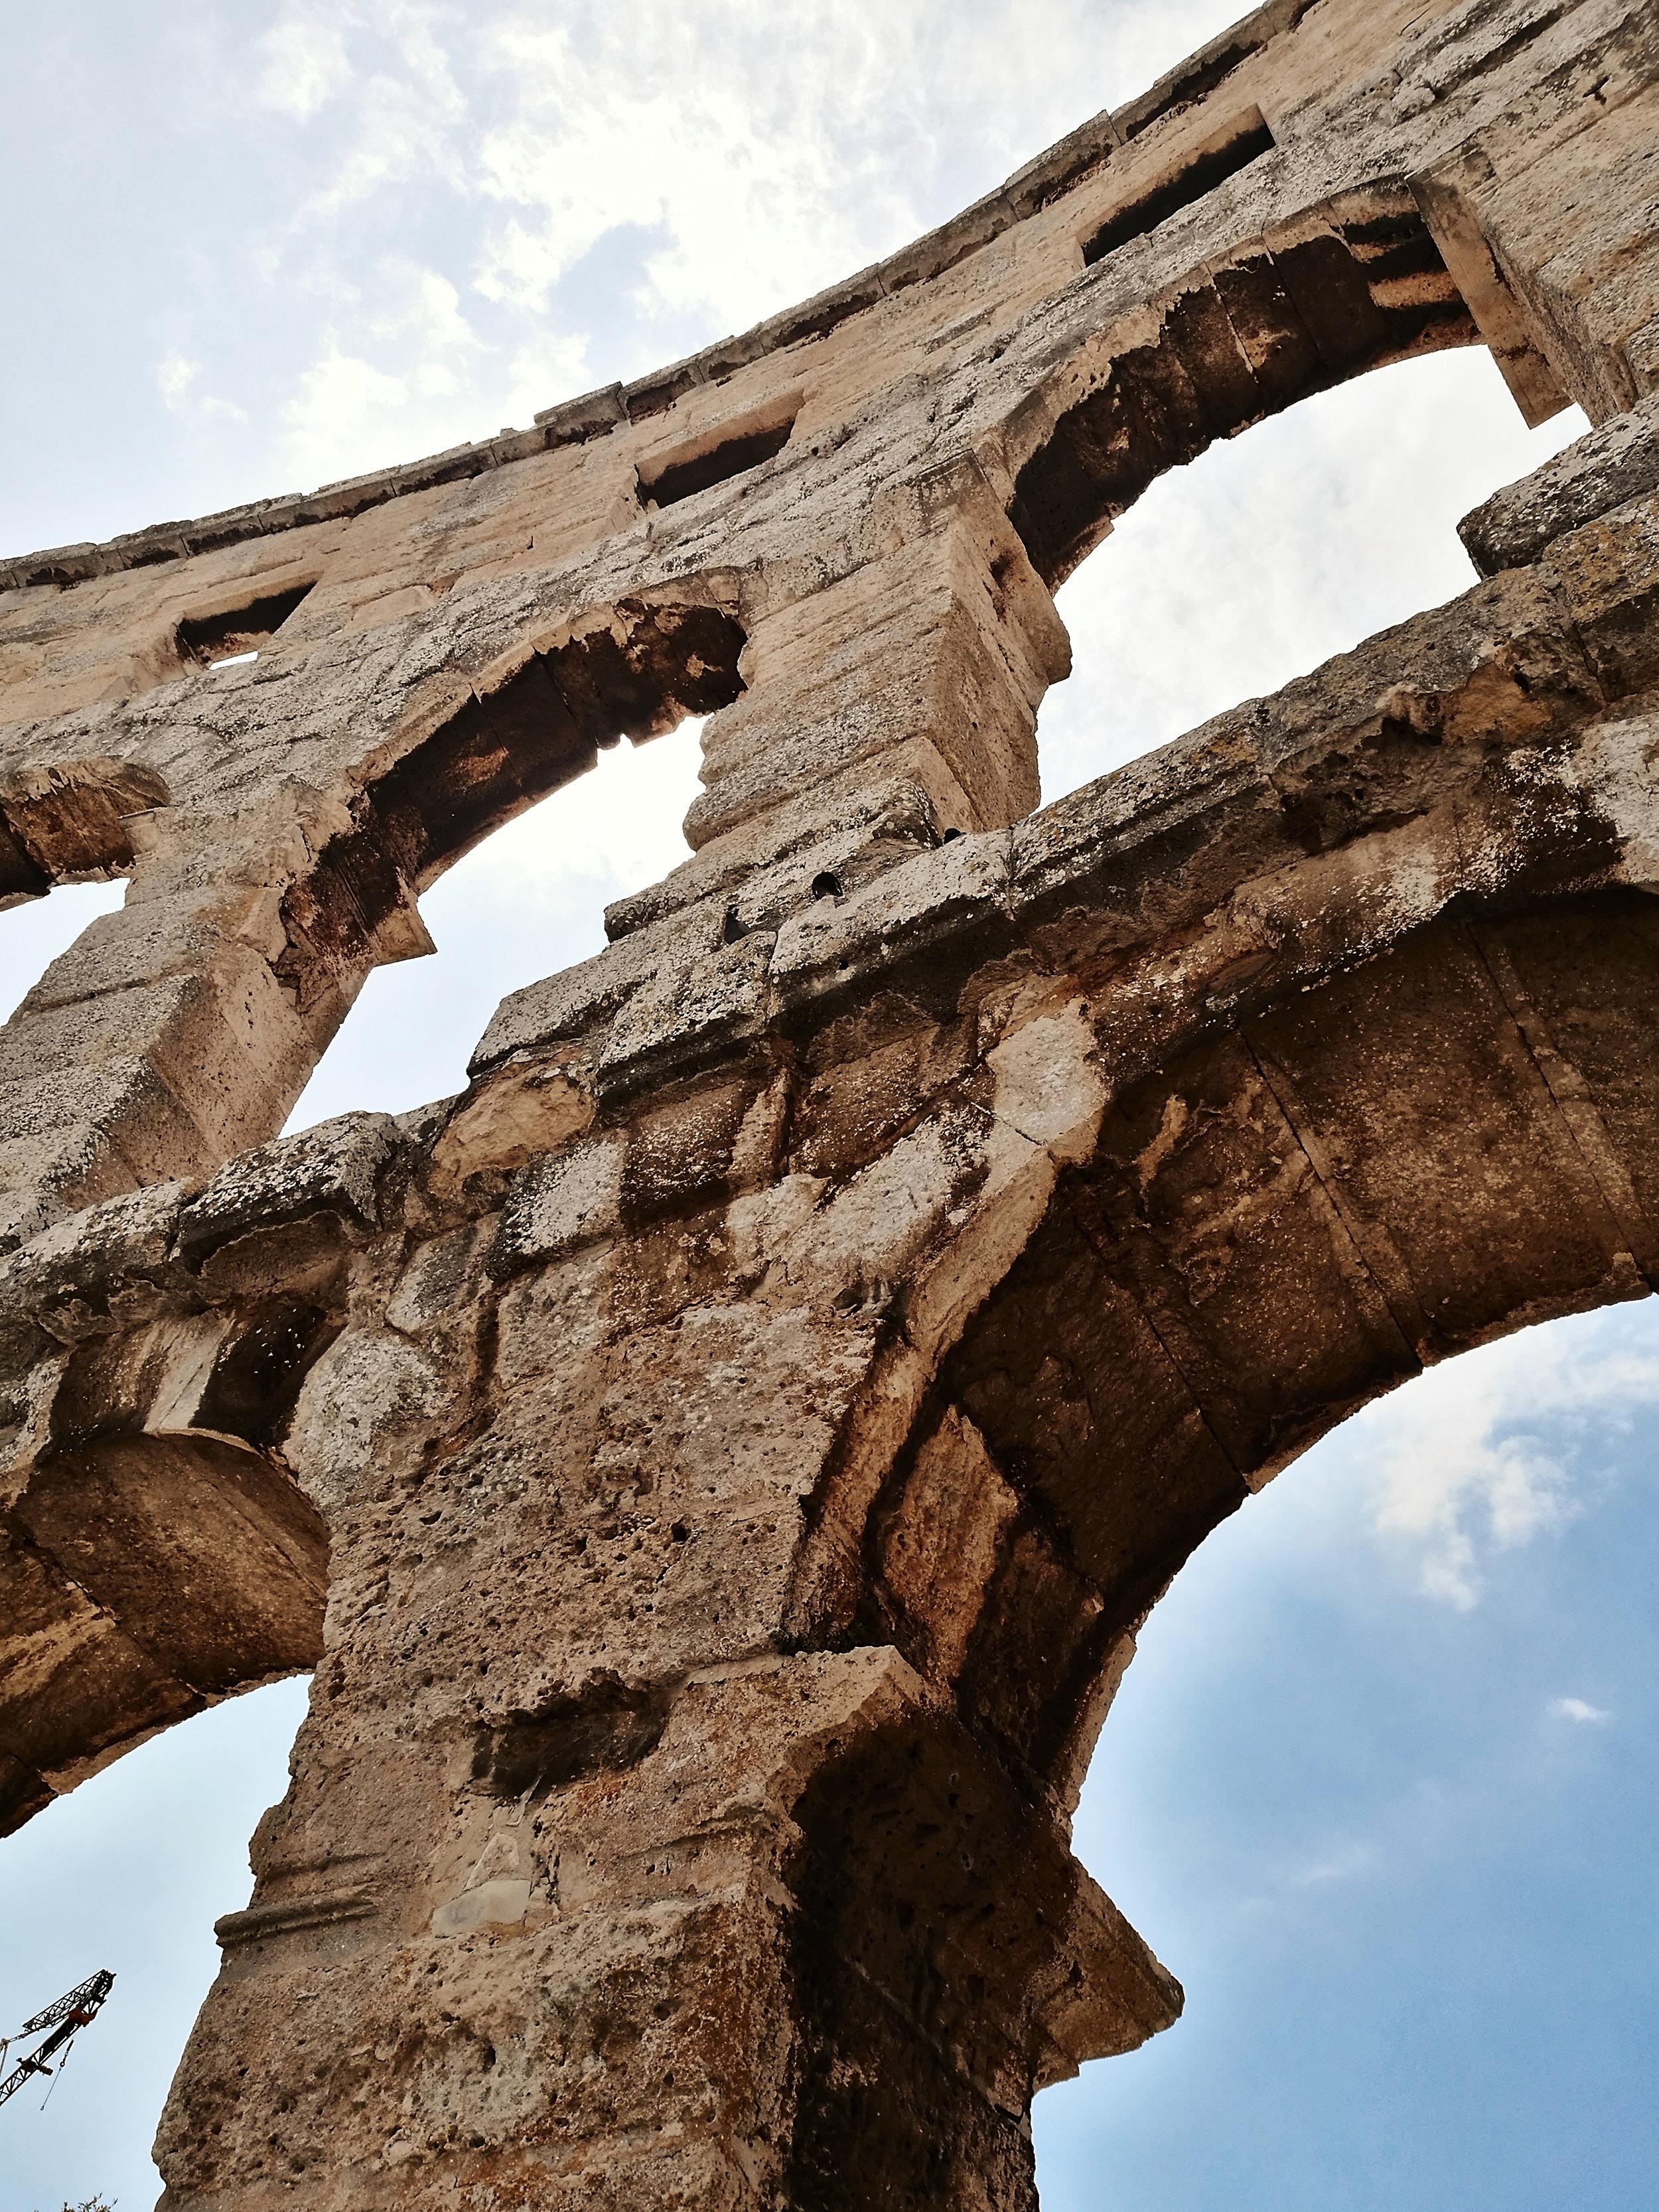 pula-kroatia-amfiteatteri-mona-kajander-matkablogi.jpg